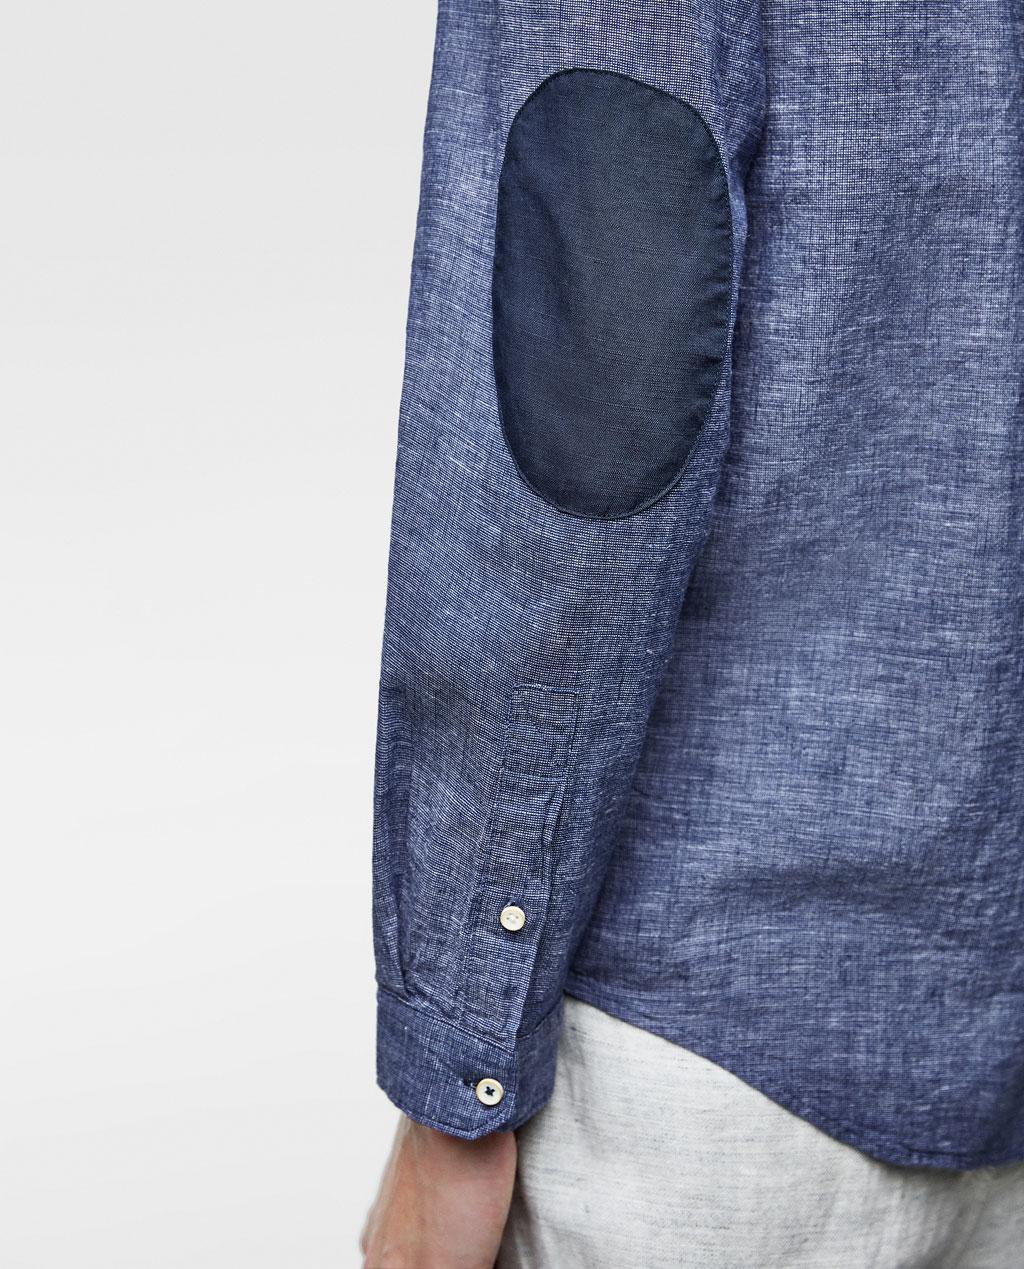 Thời trang nam Zara  23868 - ảnh 7